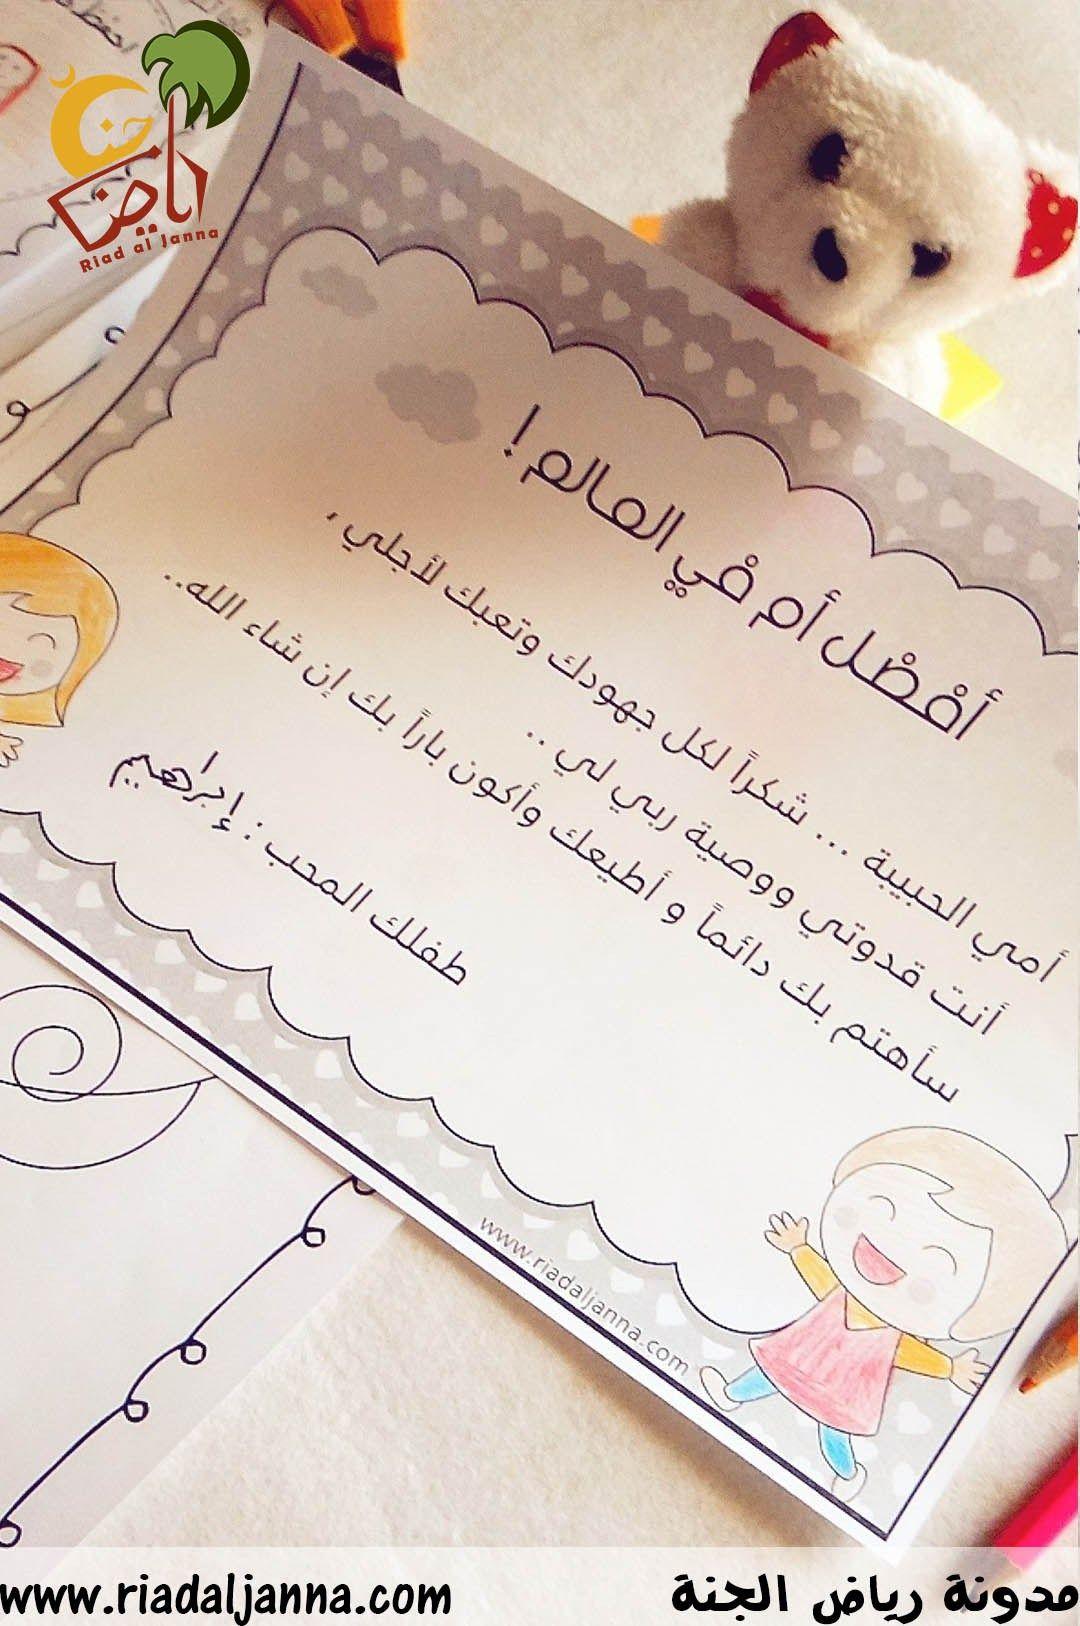 مجموعة مميزة من أوراق العمل و التلوين والبطاقات بشكل ملف كامل عن الأم وملف آخر عن الأب ت Islamic Kids Activities School Photo Booth Ideas Alphabet Preschool